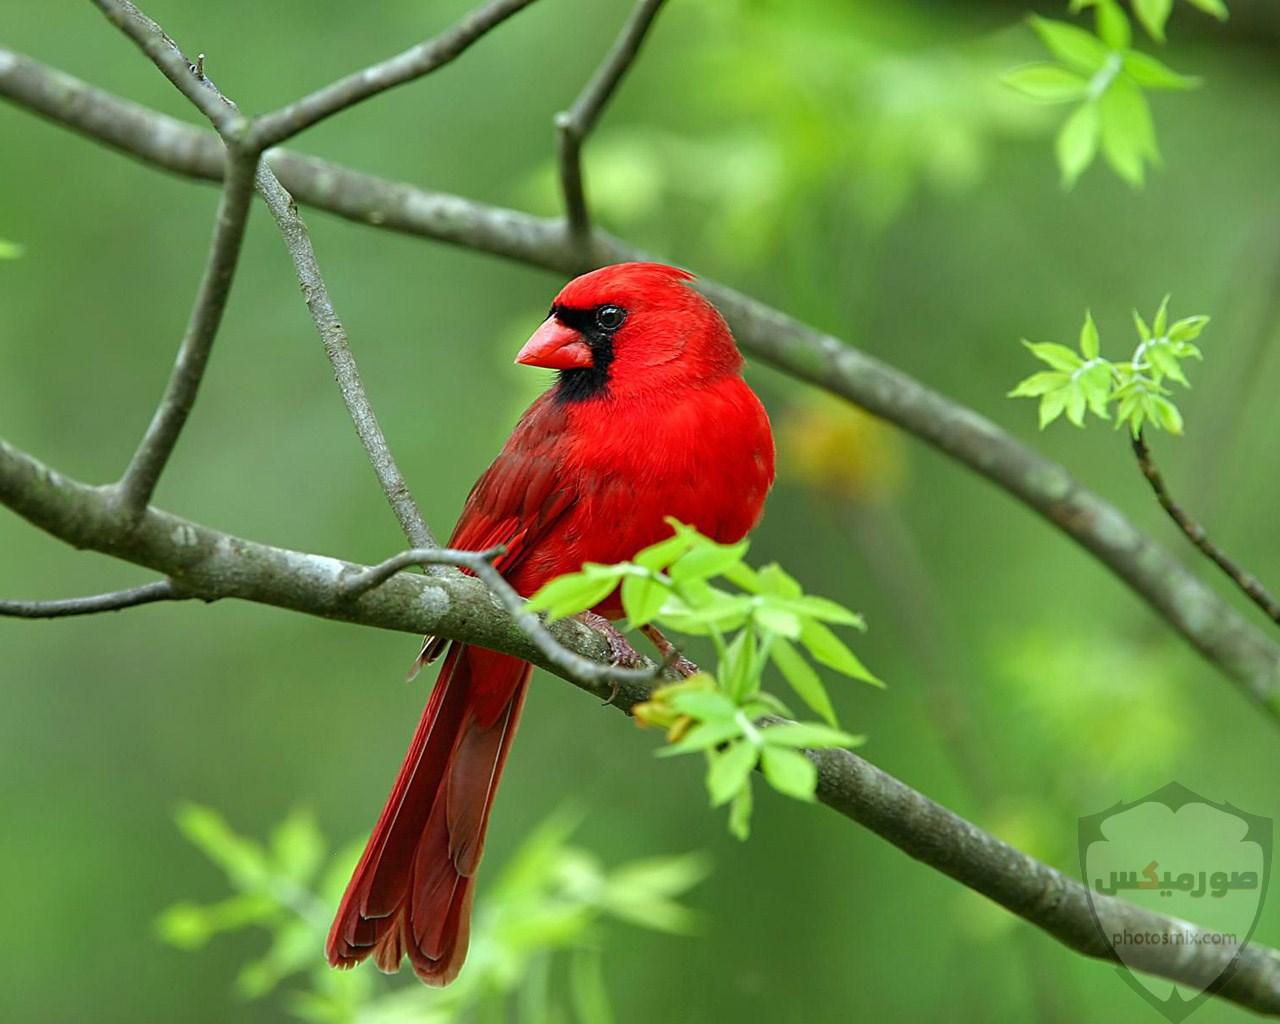 صور طيور. صور طيور عافصير ملونة الحب للتصميم اجمل انستقرام رمزيات طائر الربيع جمال الطيور. اجمل العصافير طيور الربيع صور عصفور 2